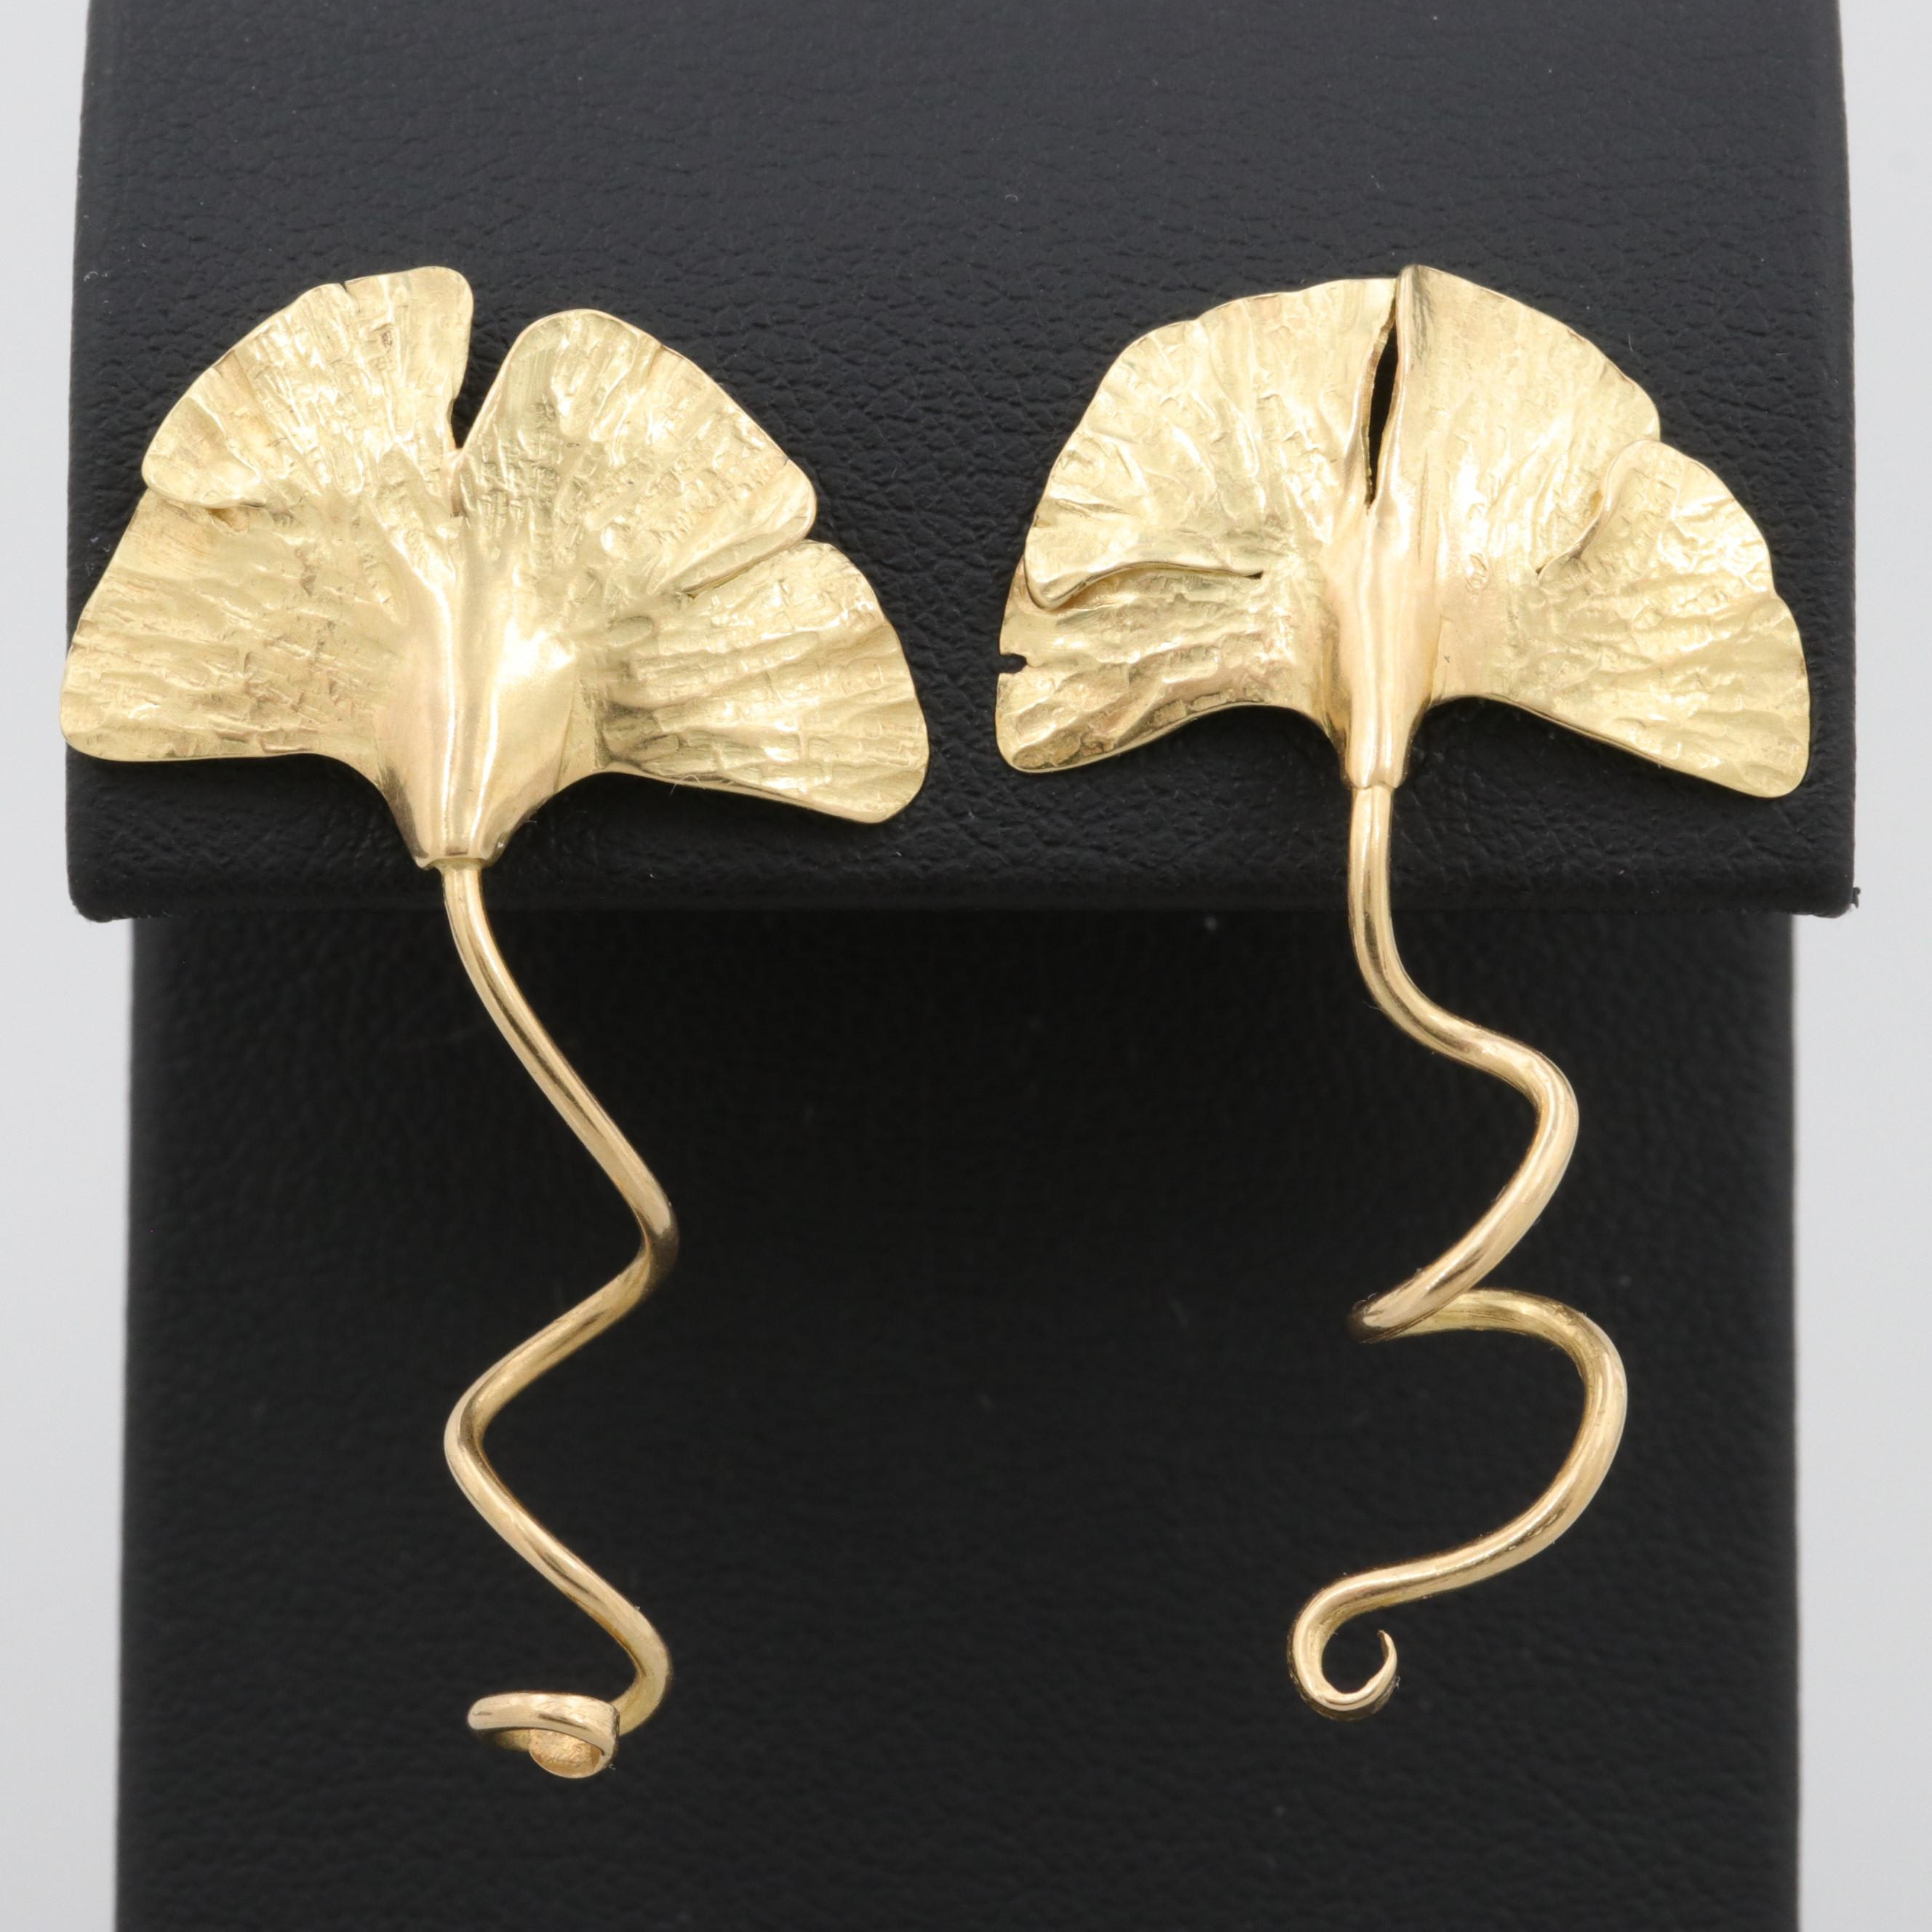 18K Yellow Gold Gingko Leaf Earrings